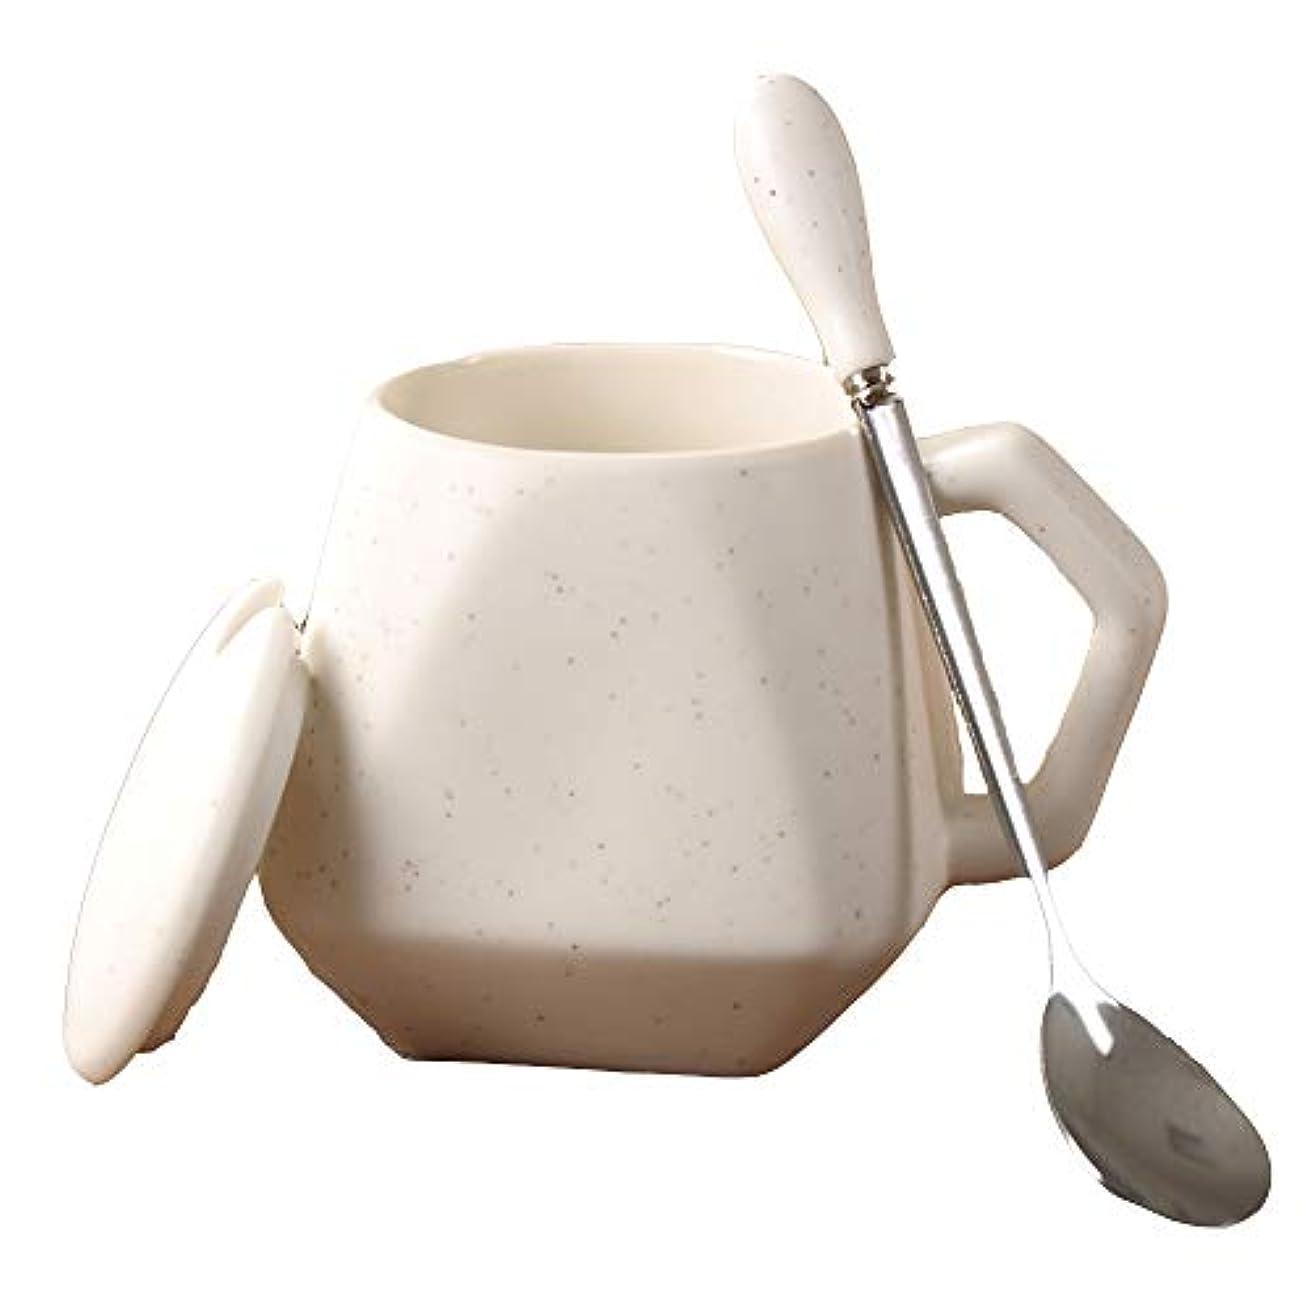 検出可能落胆したブレークMANCAO クリスマスプレゼントクリエイティブな個性かわいいカップシンプルなセラミックマグカップカップコーヒーカップリッドスプーン